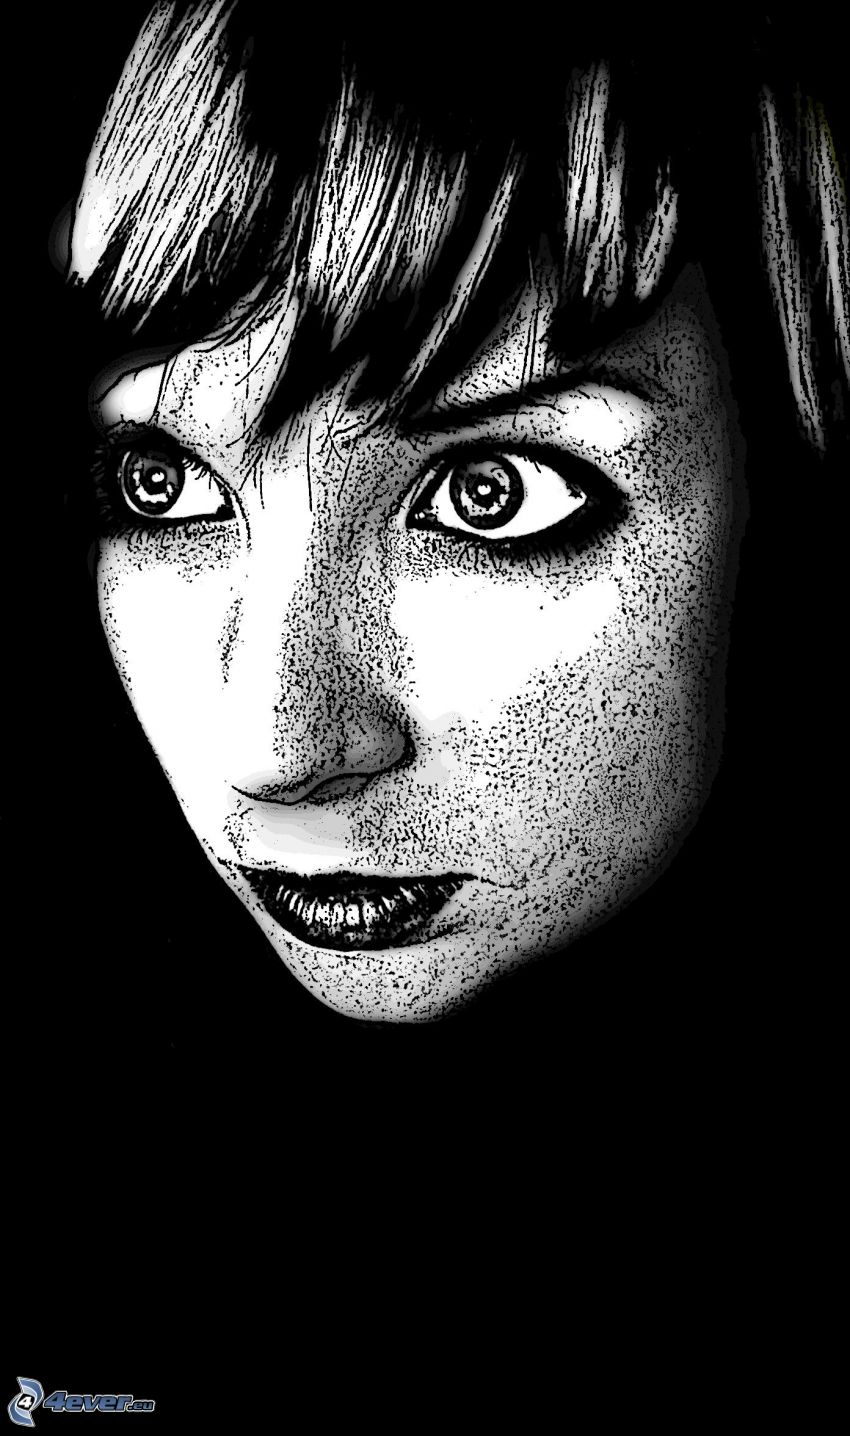 twarz kobiety, dziewczyna, porcelana